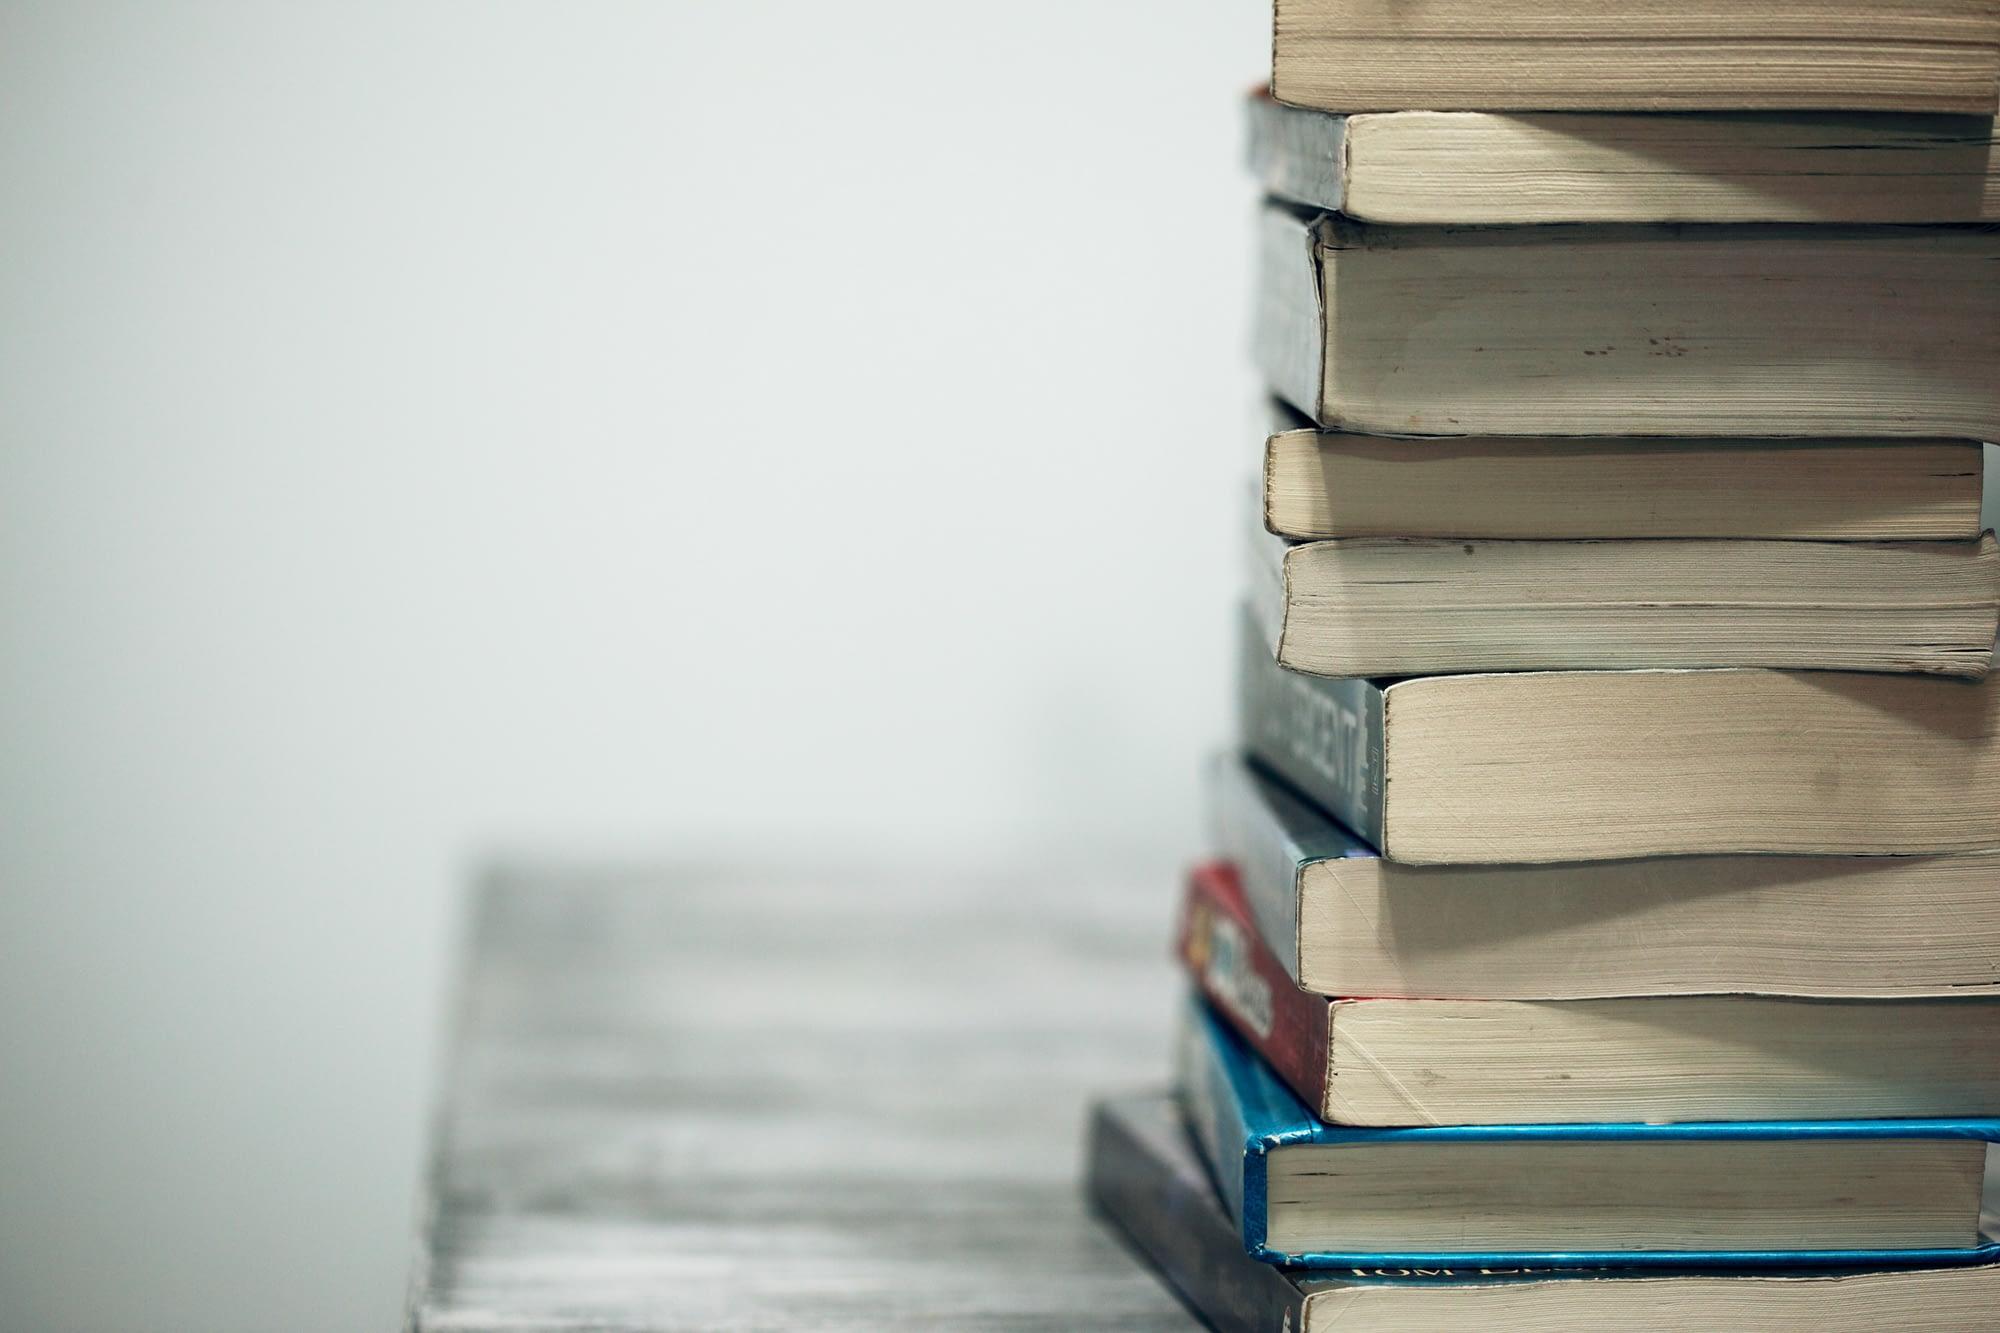 5 βιβλία που πρέπει ΟΠΩΣΔΗΠΟΤΕ να διαβάσεις το 2019